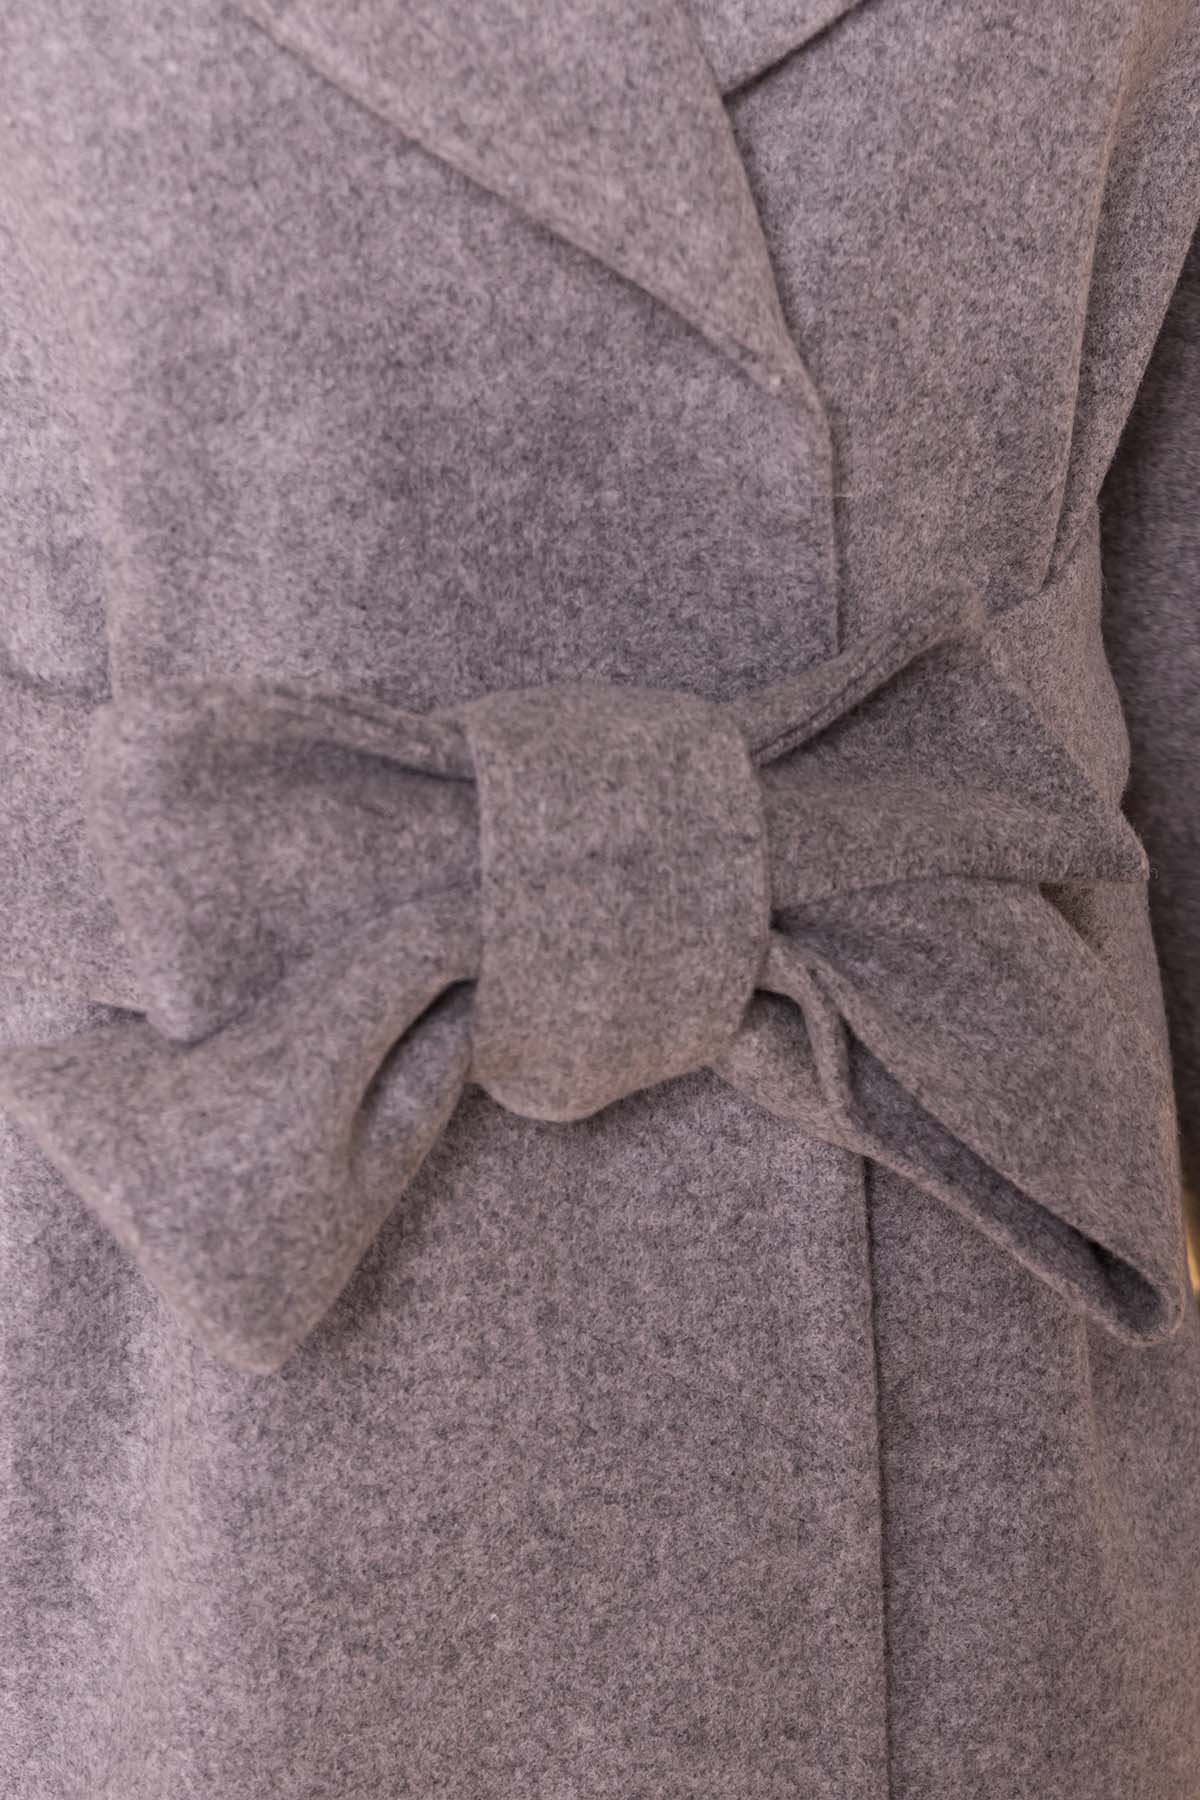 Демисезонное пальто Месси 6226 АРТ. 41053 Цвет: Серый Светлый 1 - фото 6, интернет магазин tm-modus.ru